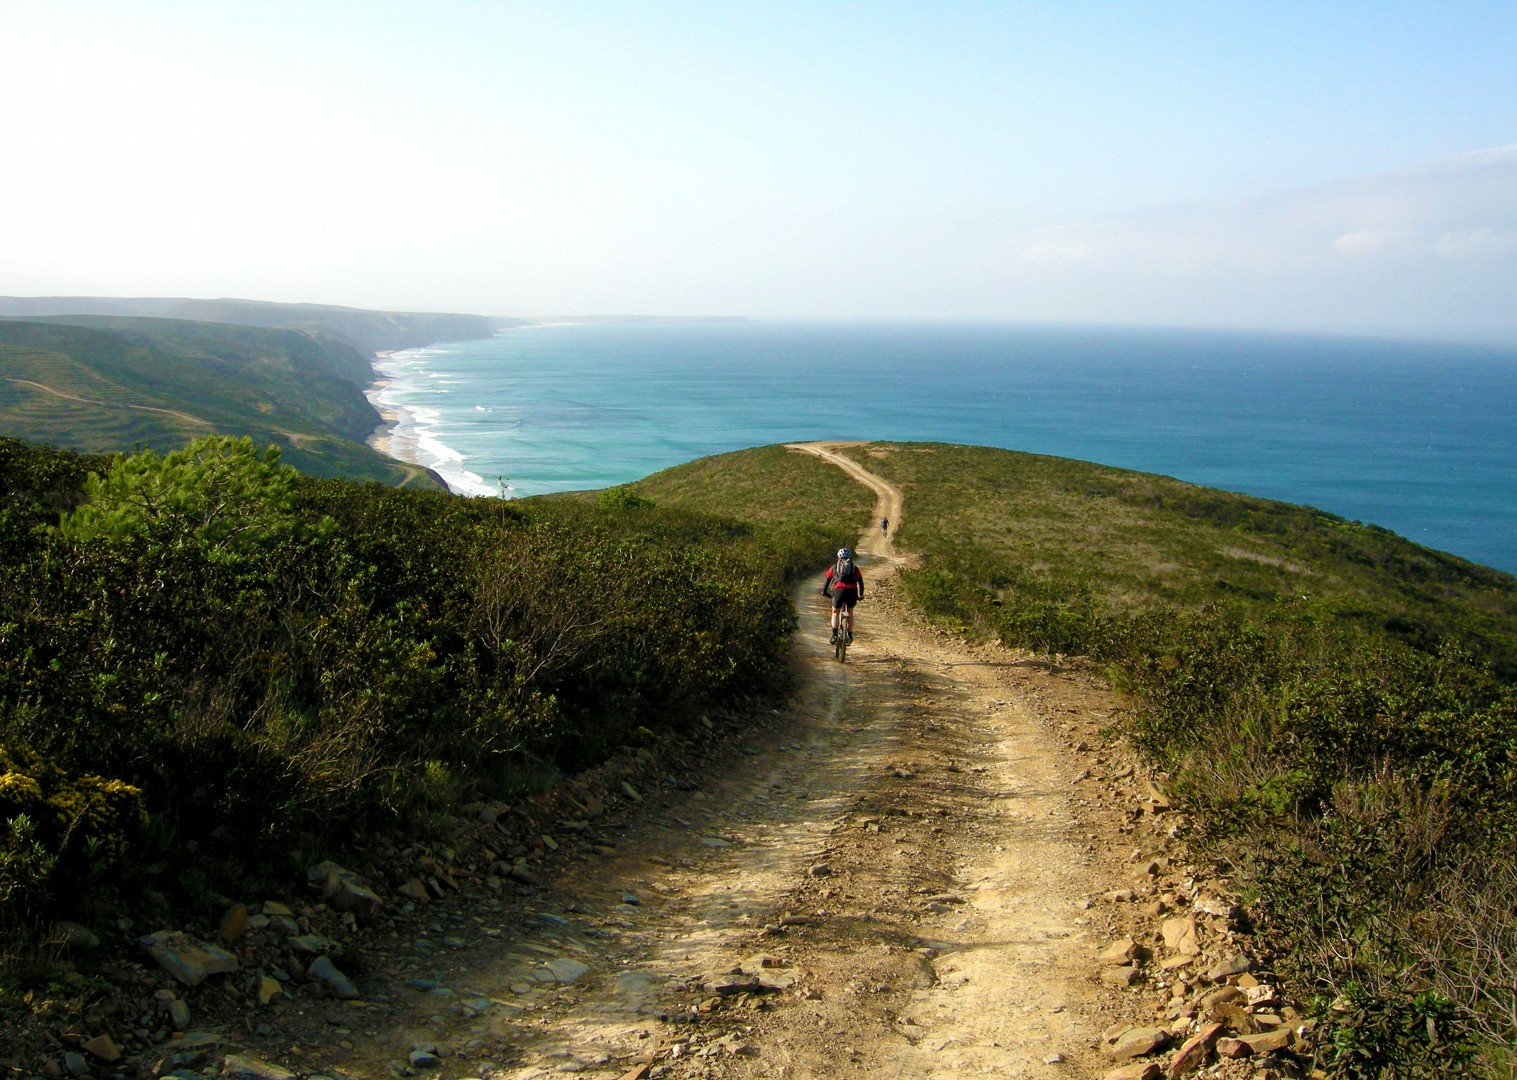 ocean-clifftop-trail-arrabida-natural-park-portugal.jpg - Portugal - Atlantic Trails - Mountain Biking